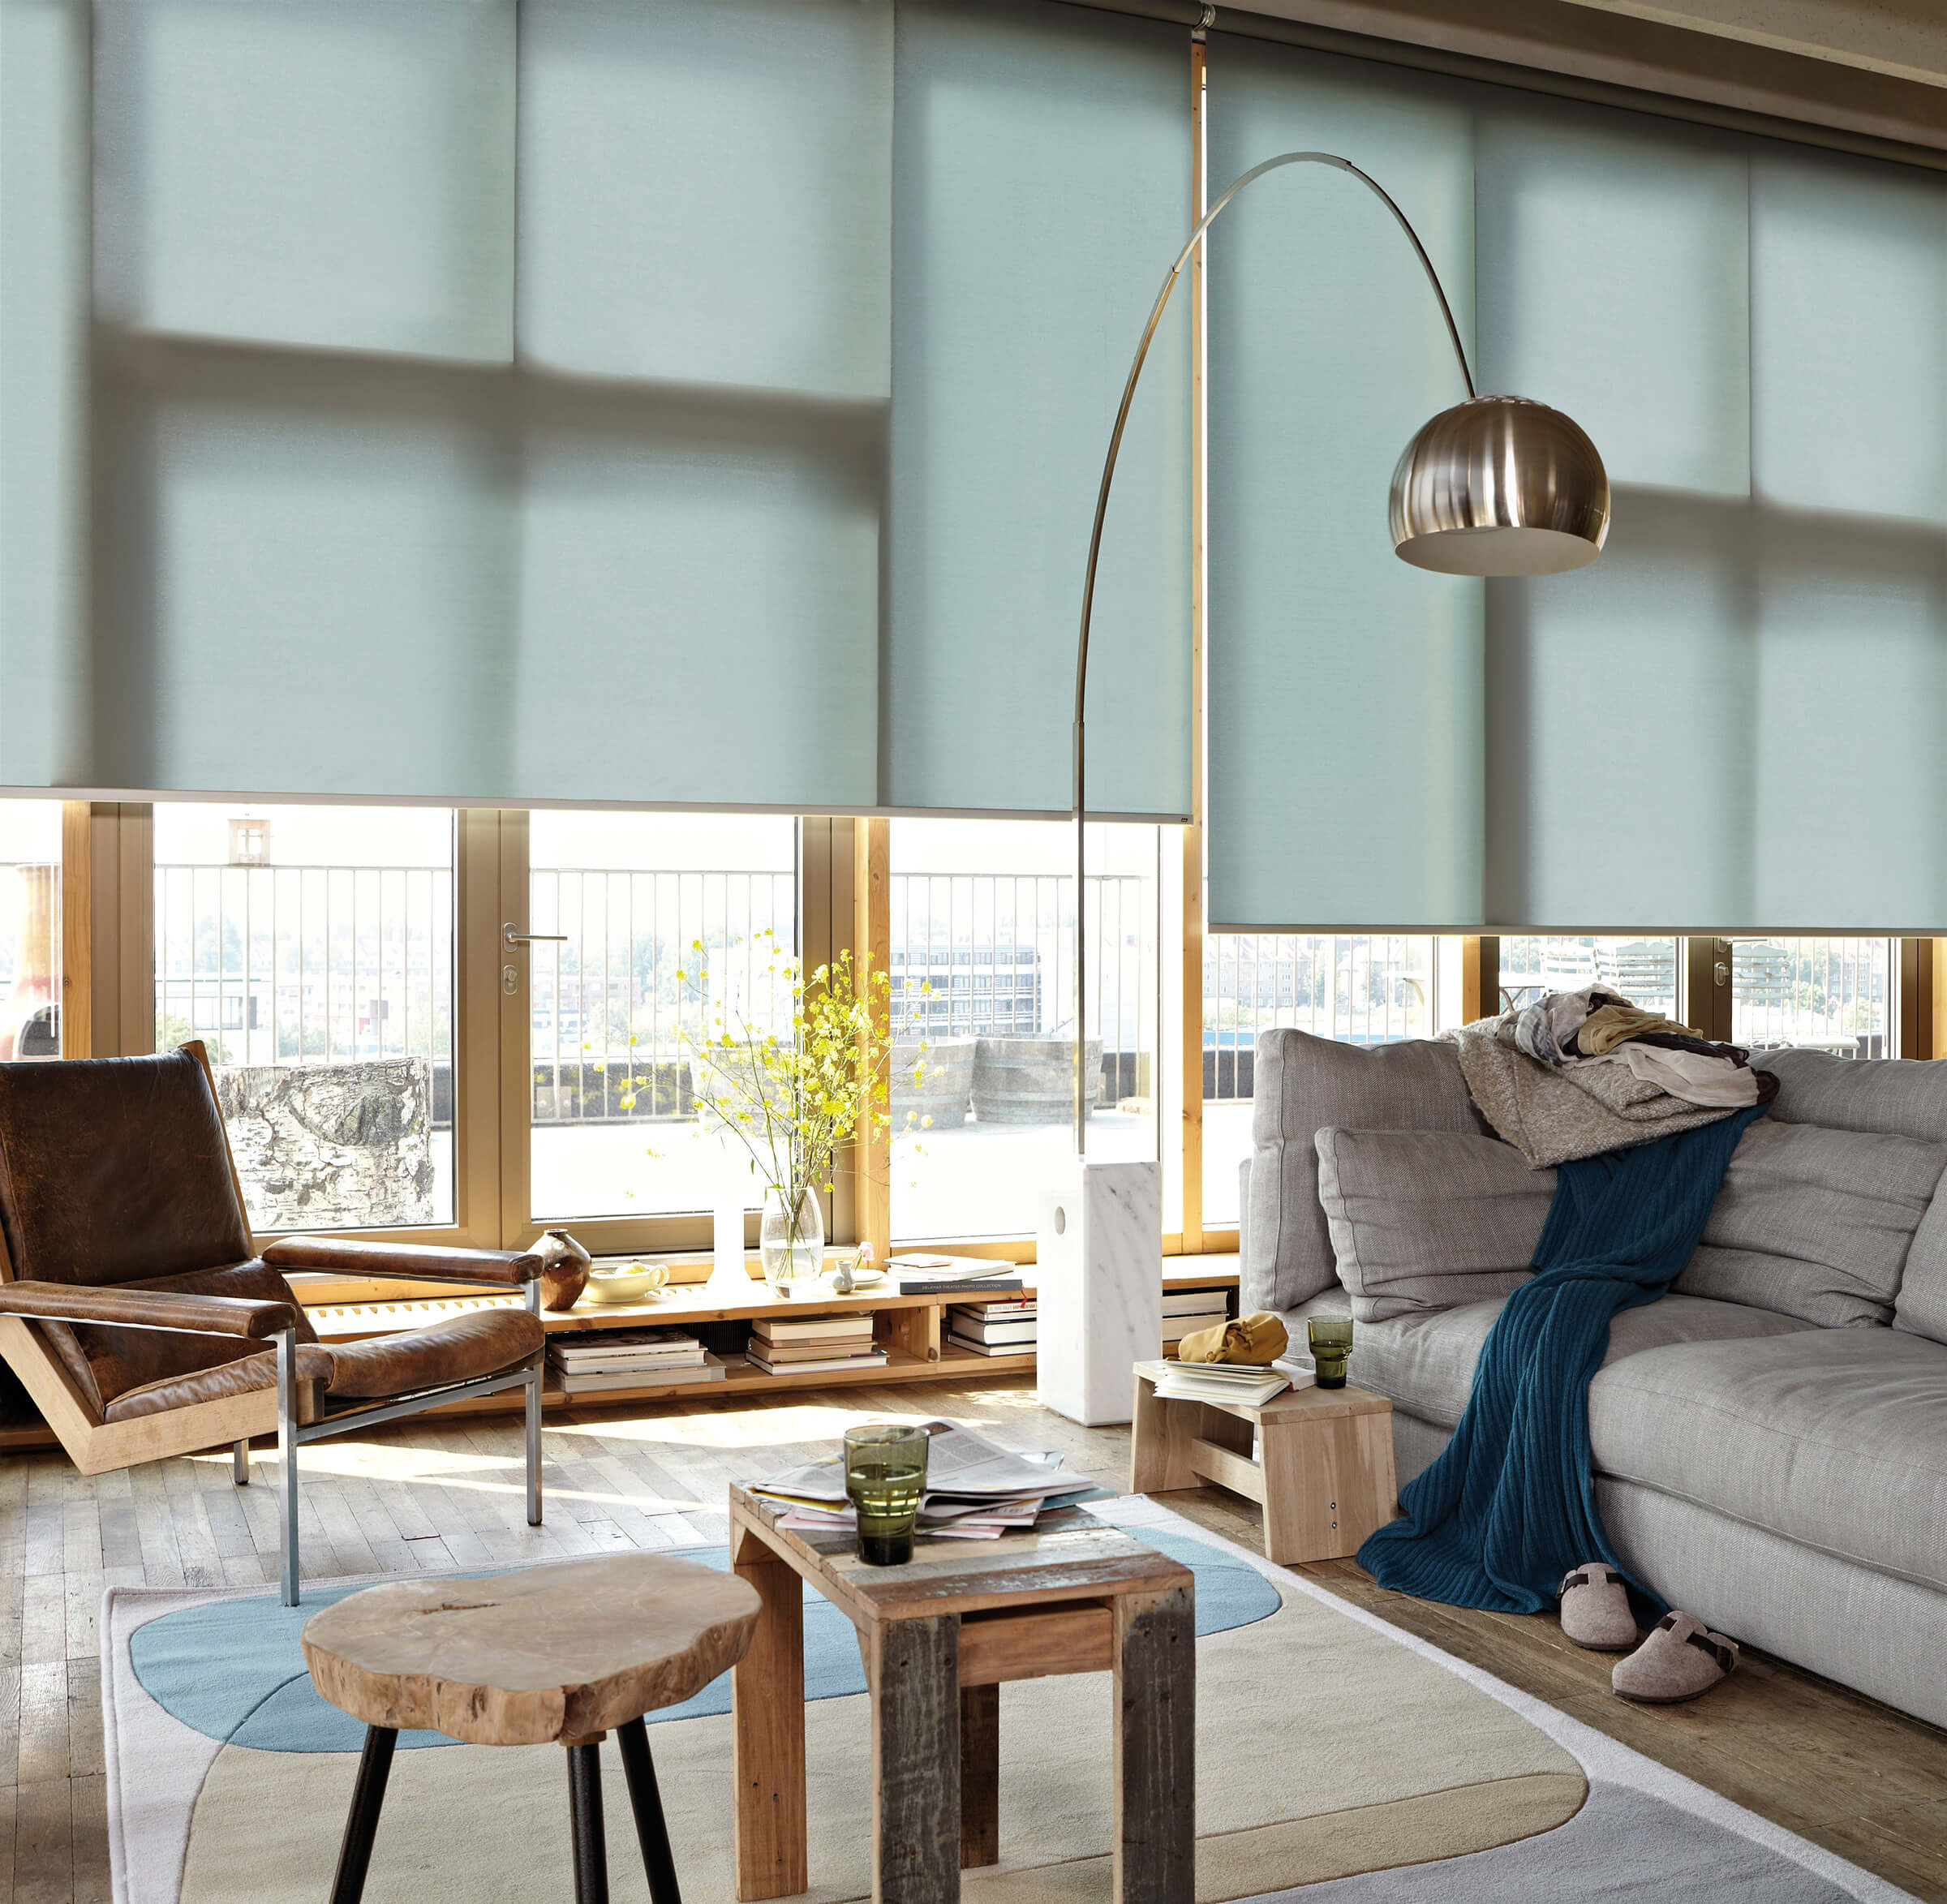 Blau-Grüne Luxaflex Rollos im Wohnzimmer